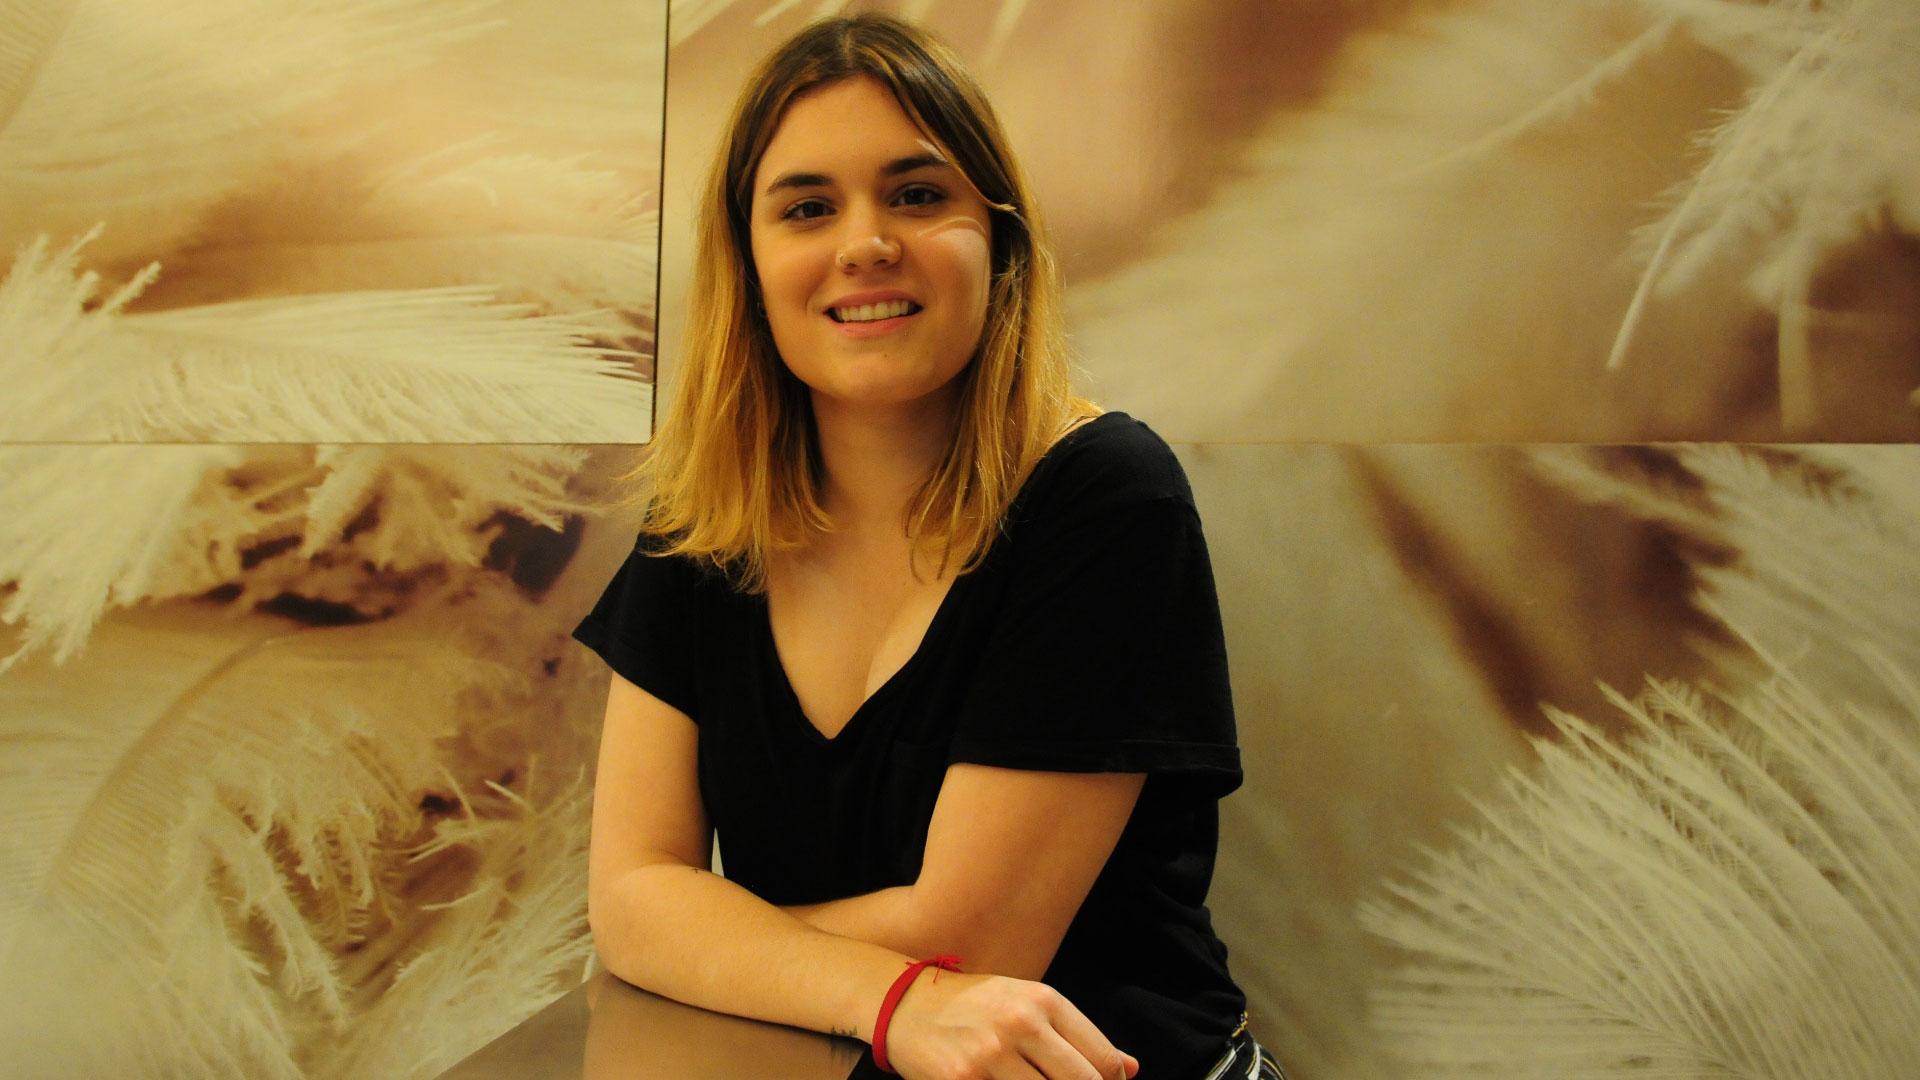 """Elvira Sastre: """"La poesía es fundamental en momentos de desolación, de  guerra, de malas noticias"""" - Infobae"""